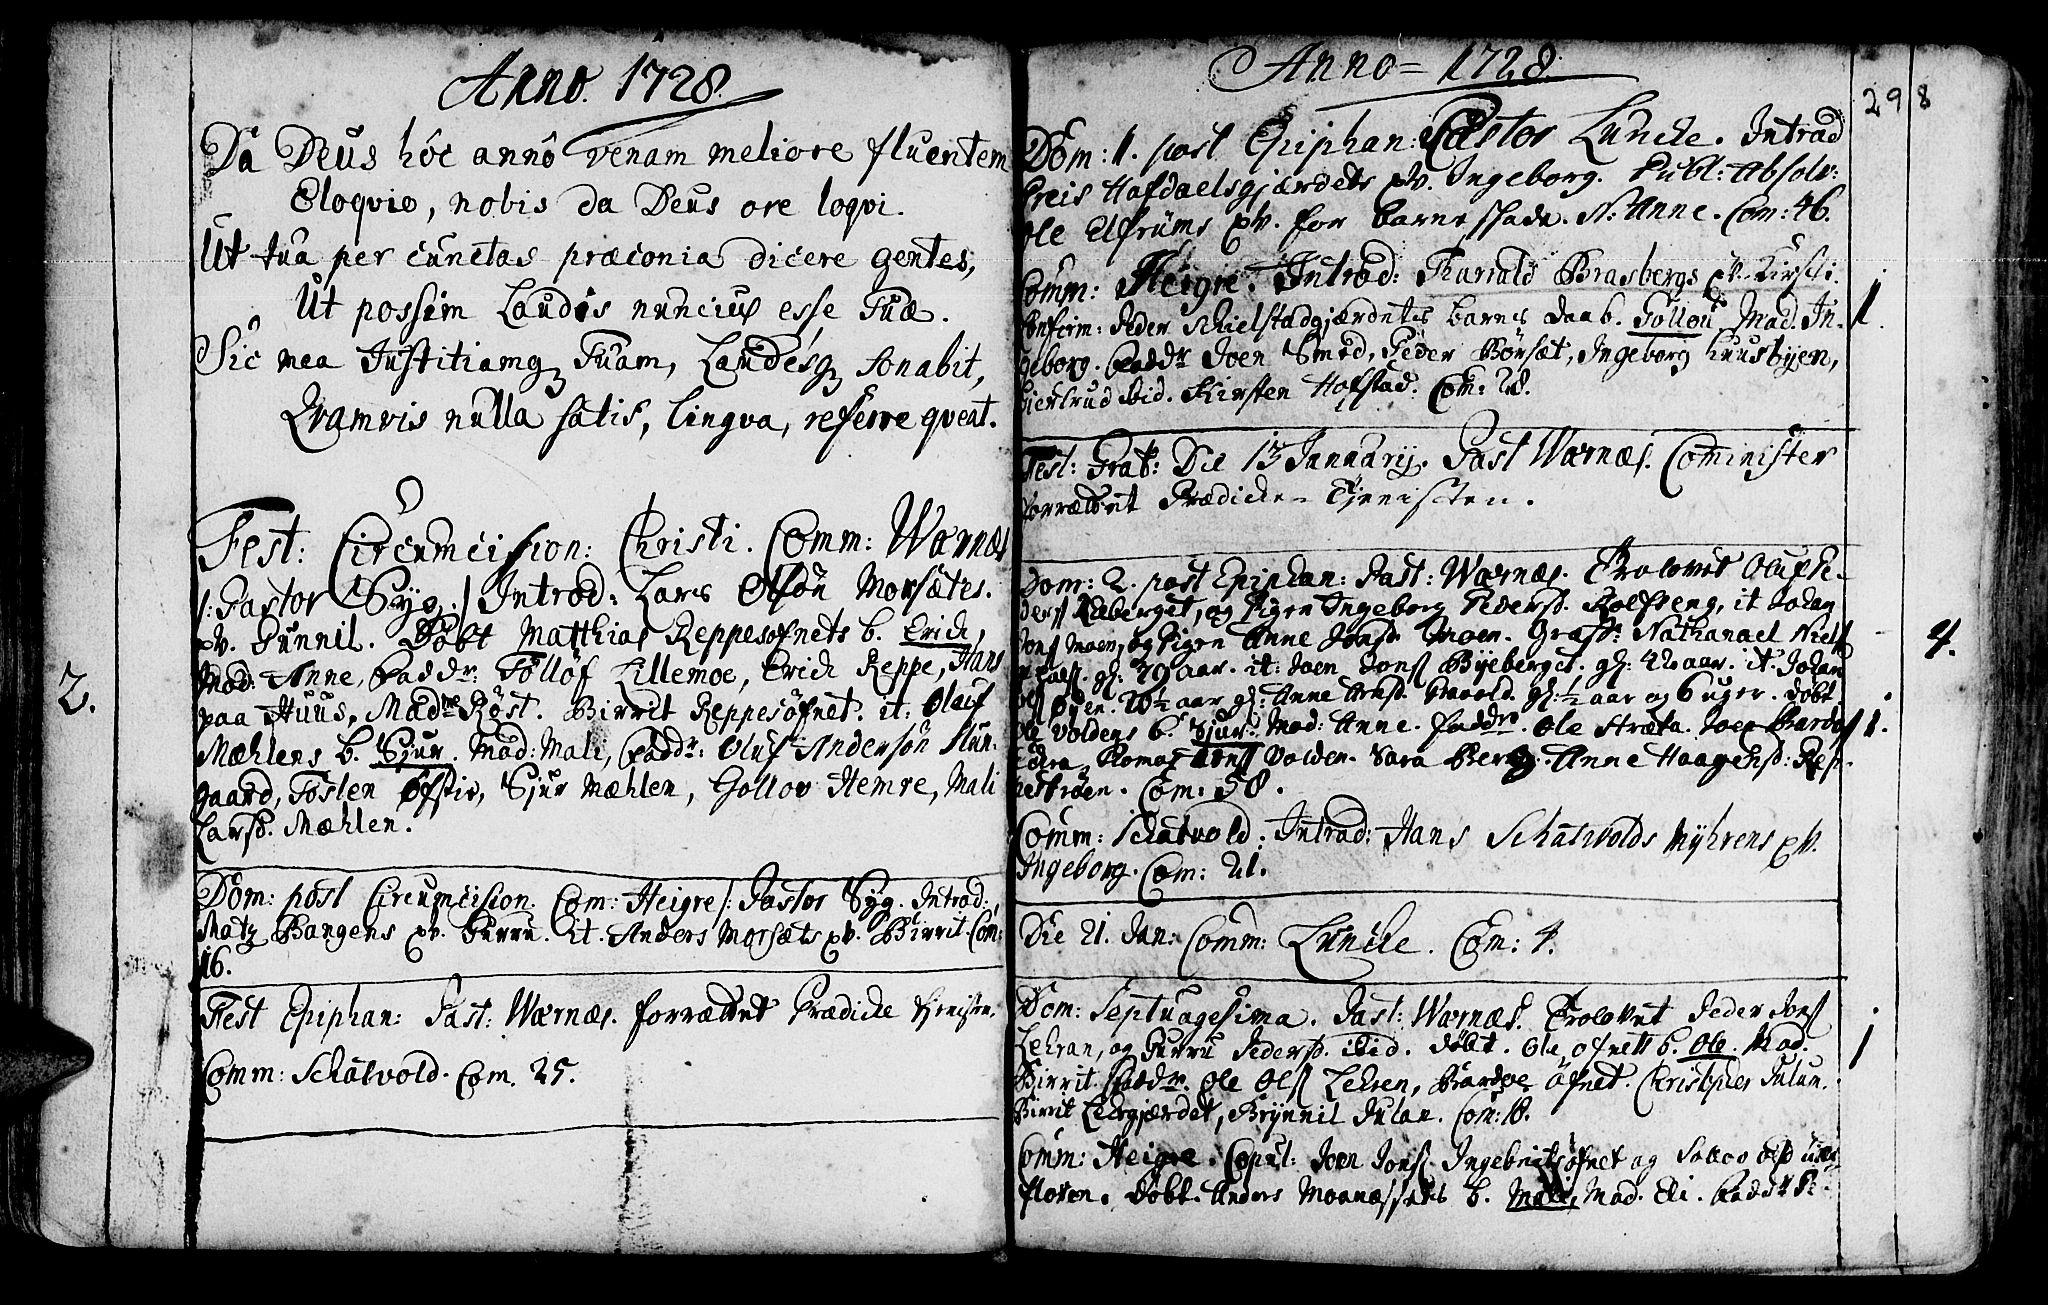 SAT, Ministerialprotokoller, klokkerbøker og fødselsregistre - Nord-Trøndelag, 709/L0054: Ministerialbok nr. 709A02, 1714-1738, s. 297-298